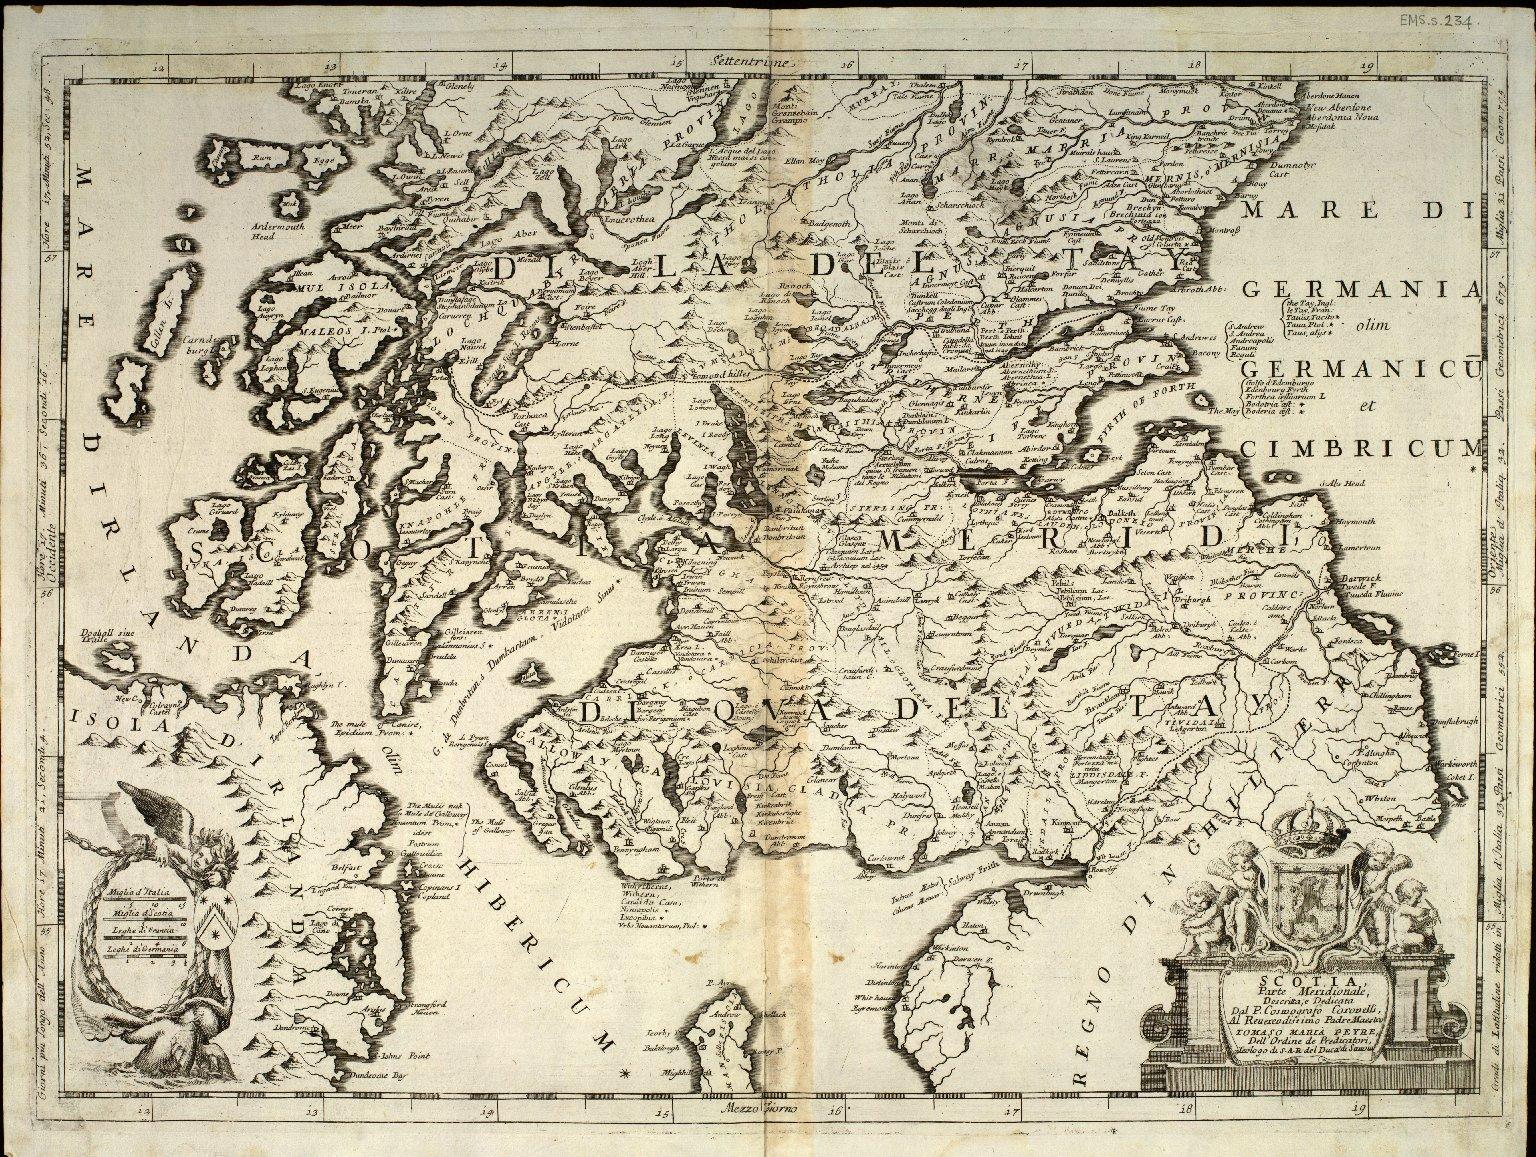 Scotia, parte Meridionale, [1 of 2]